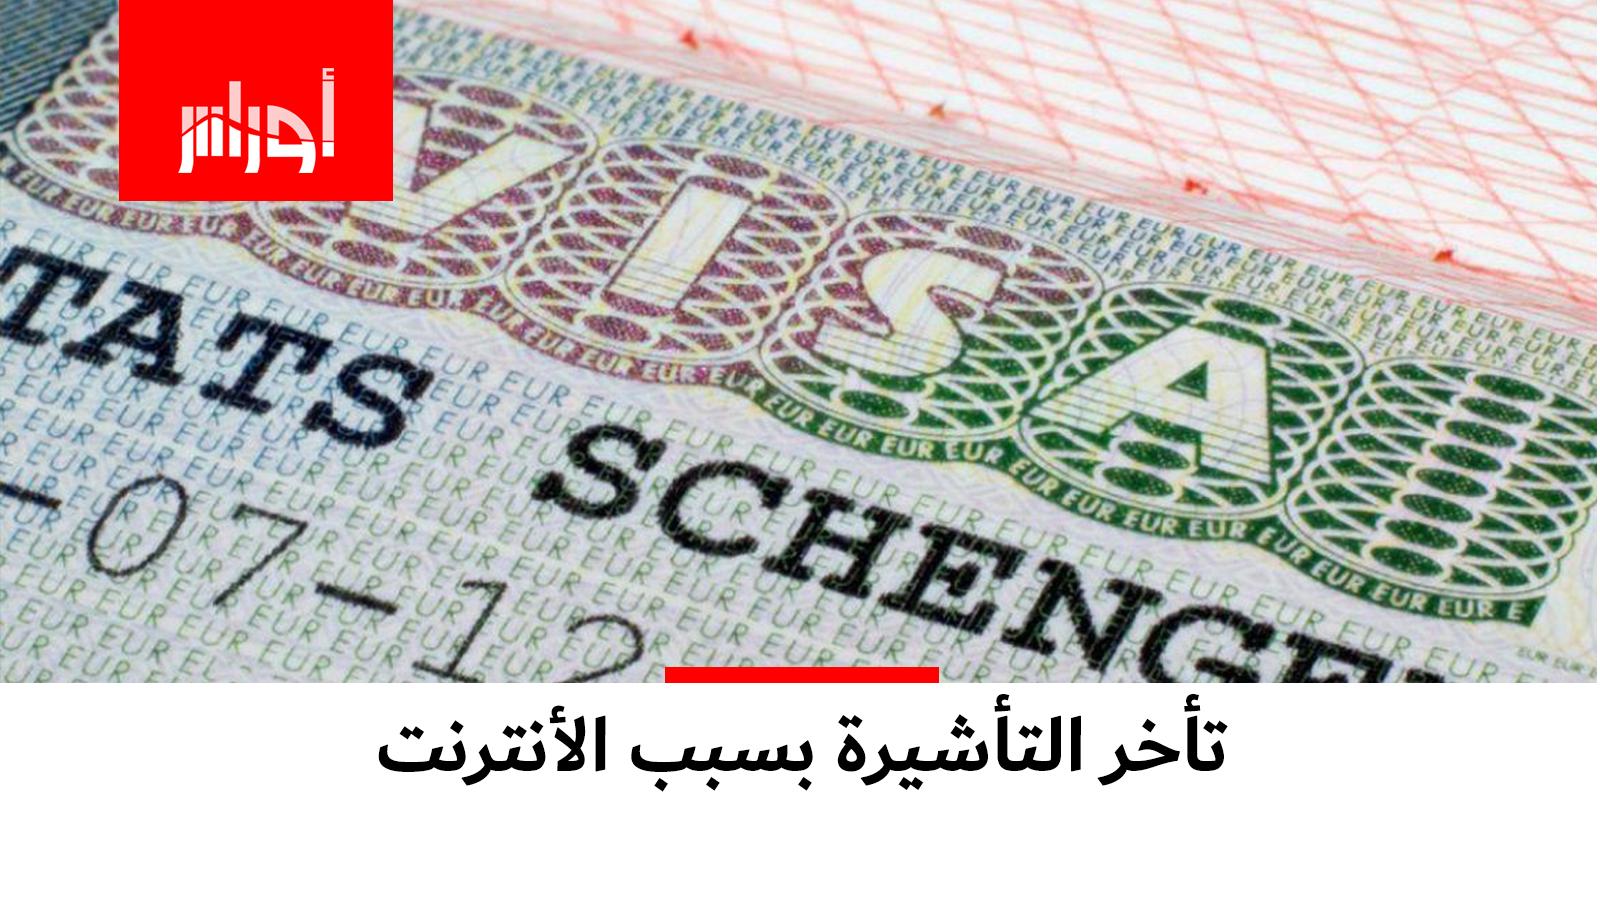 تأخر التأشيرة بسبب الأنترنت